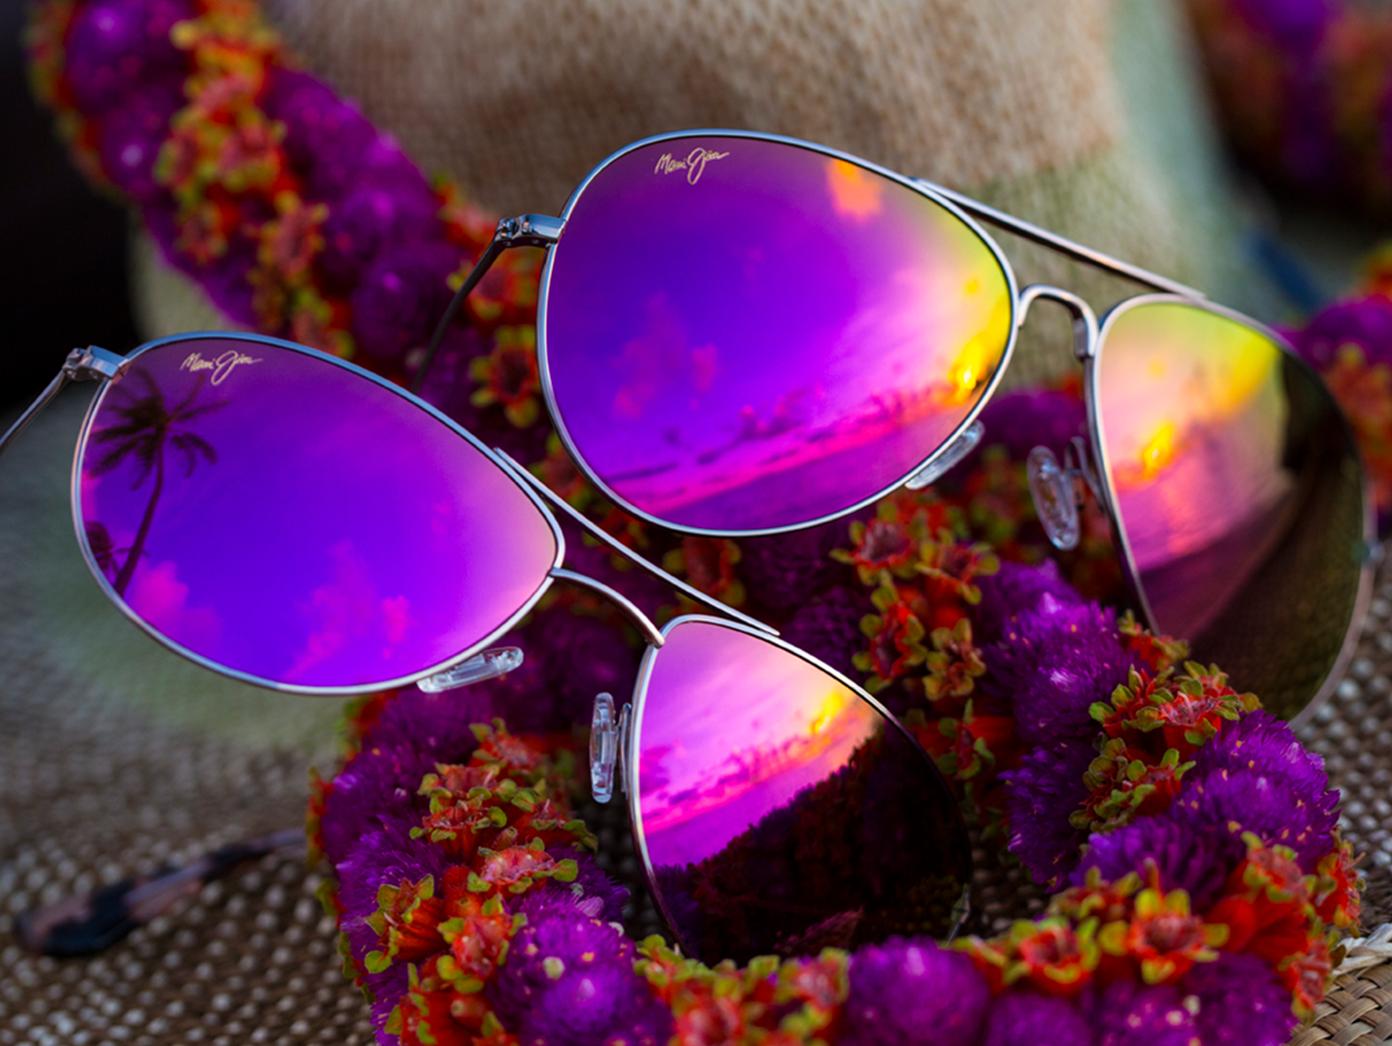 Color. Clarity. Details.